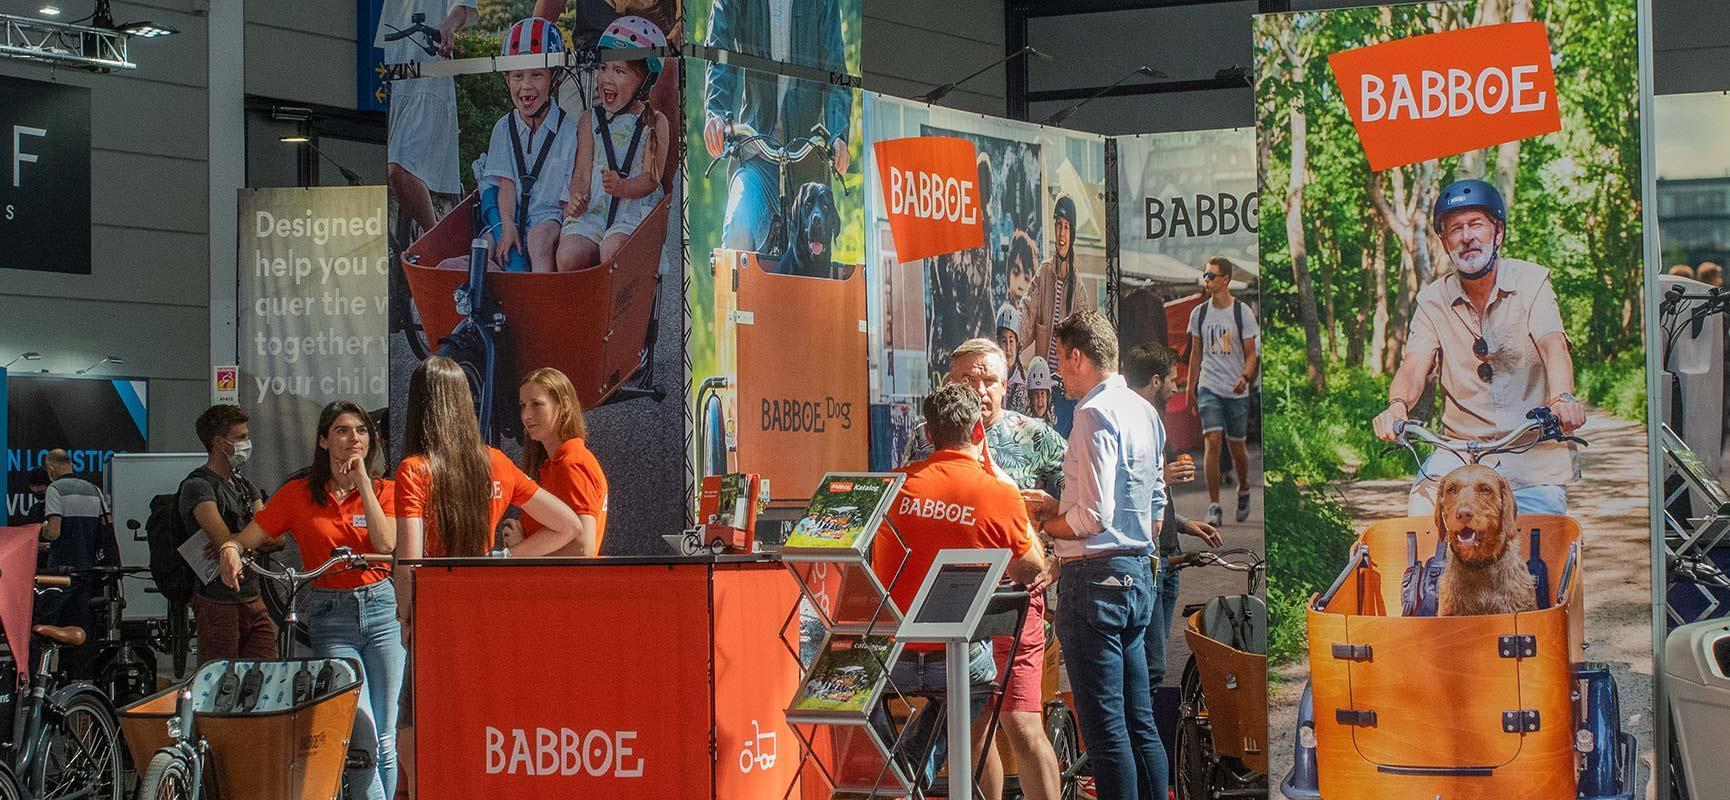 Babboe auf der Eurobike, der größten Fahrradmesse Europas